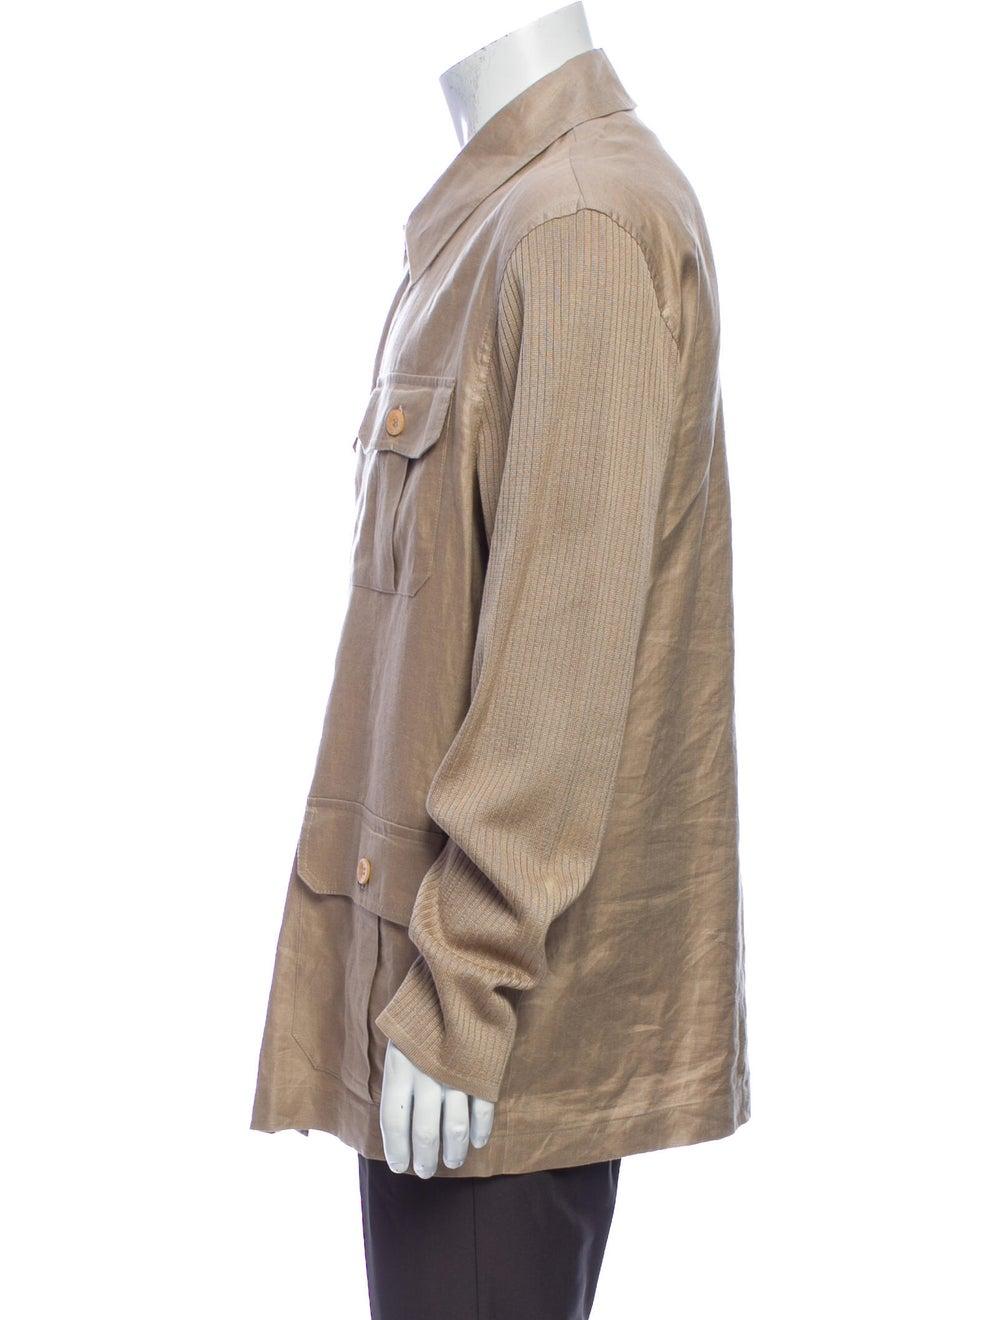 Versace Linen Jacket - image 2